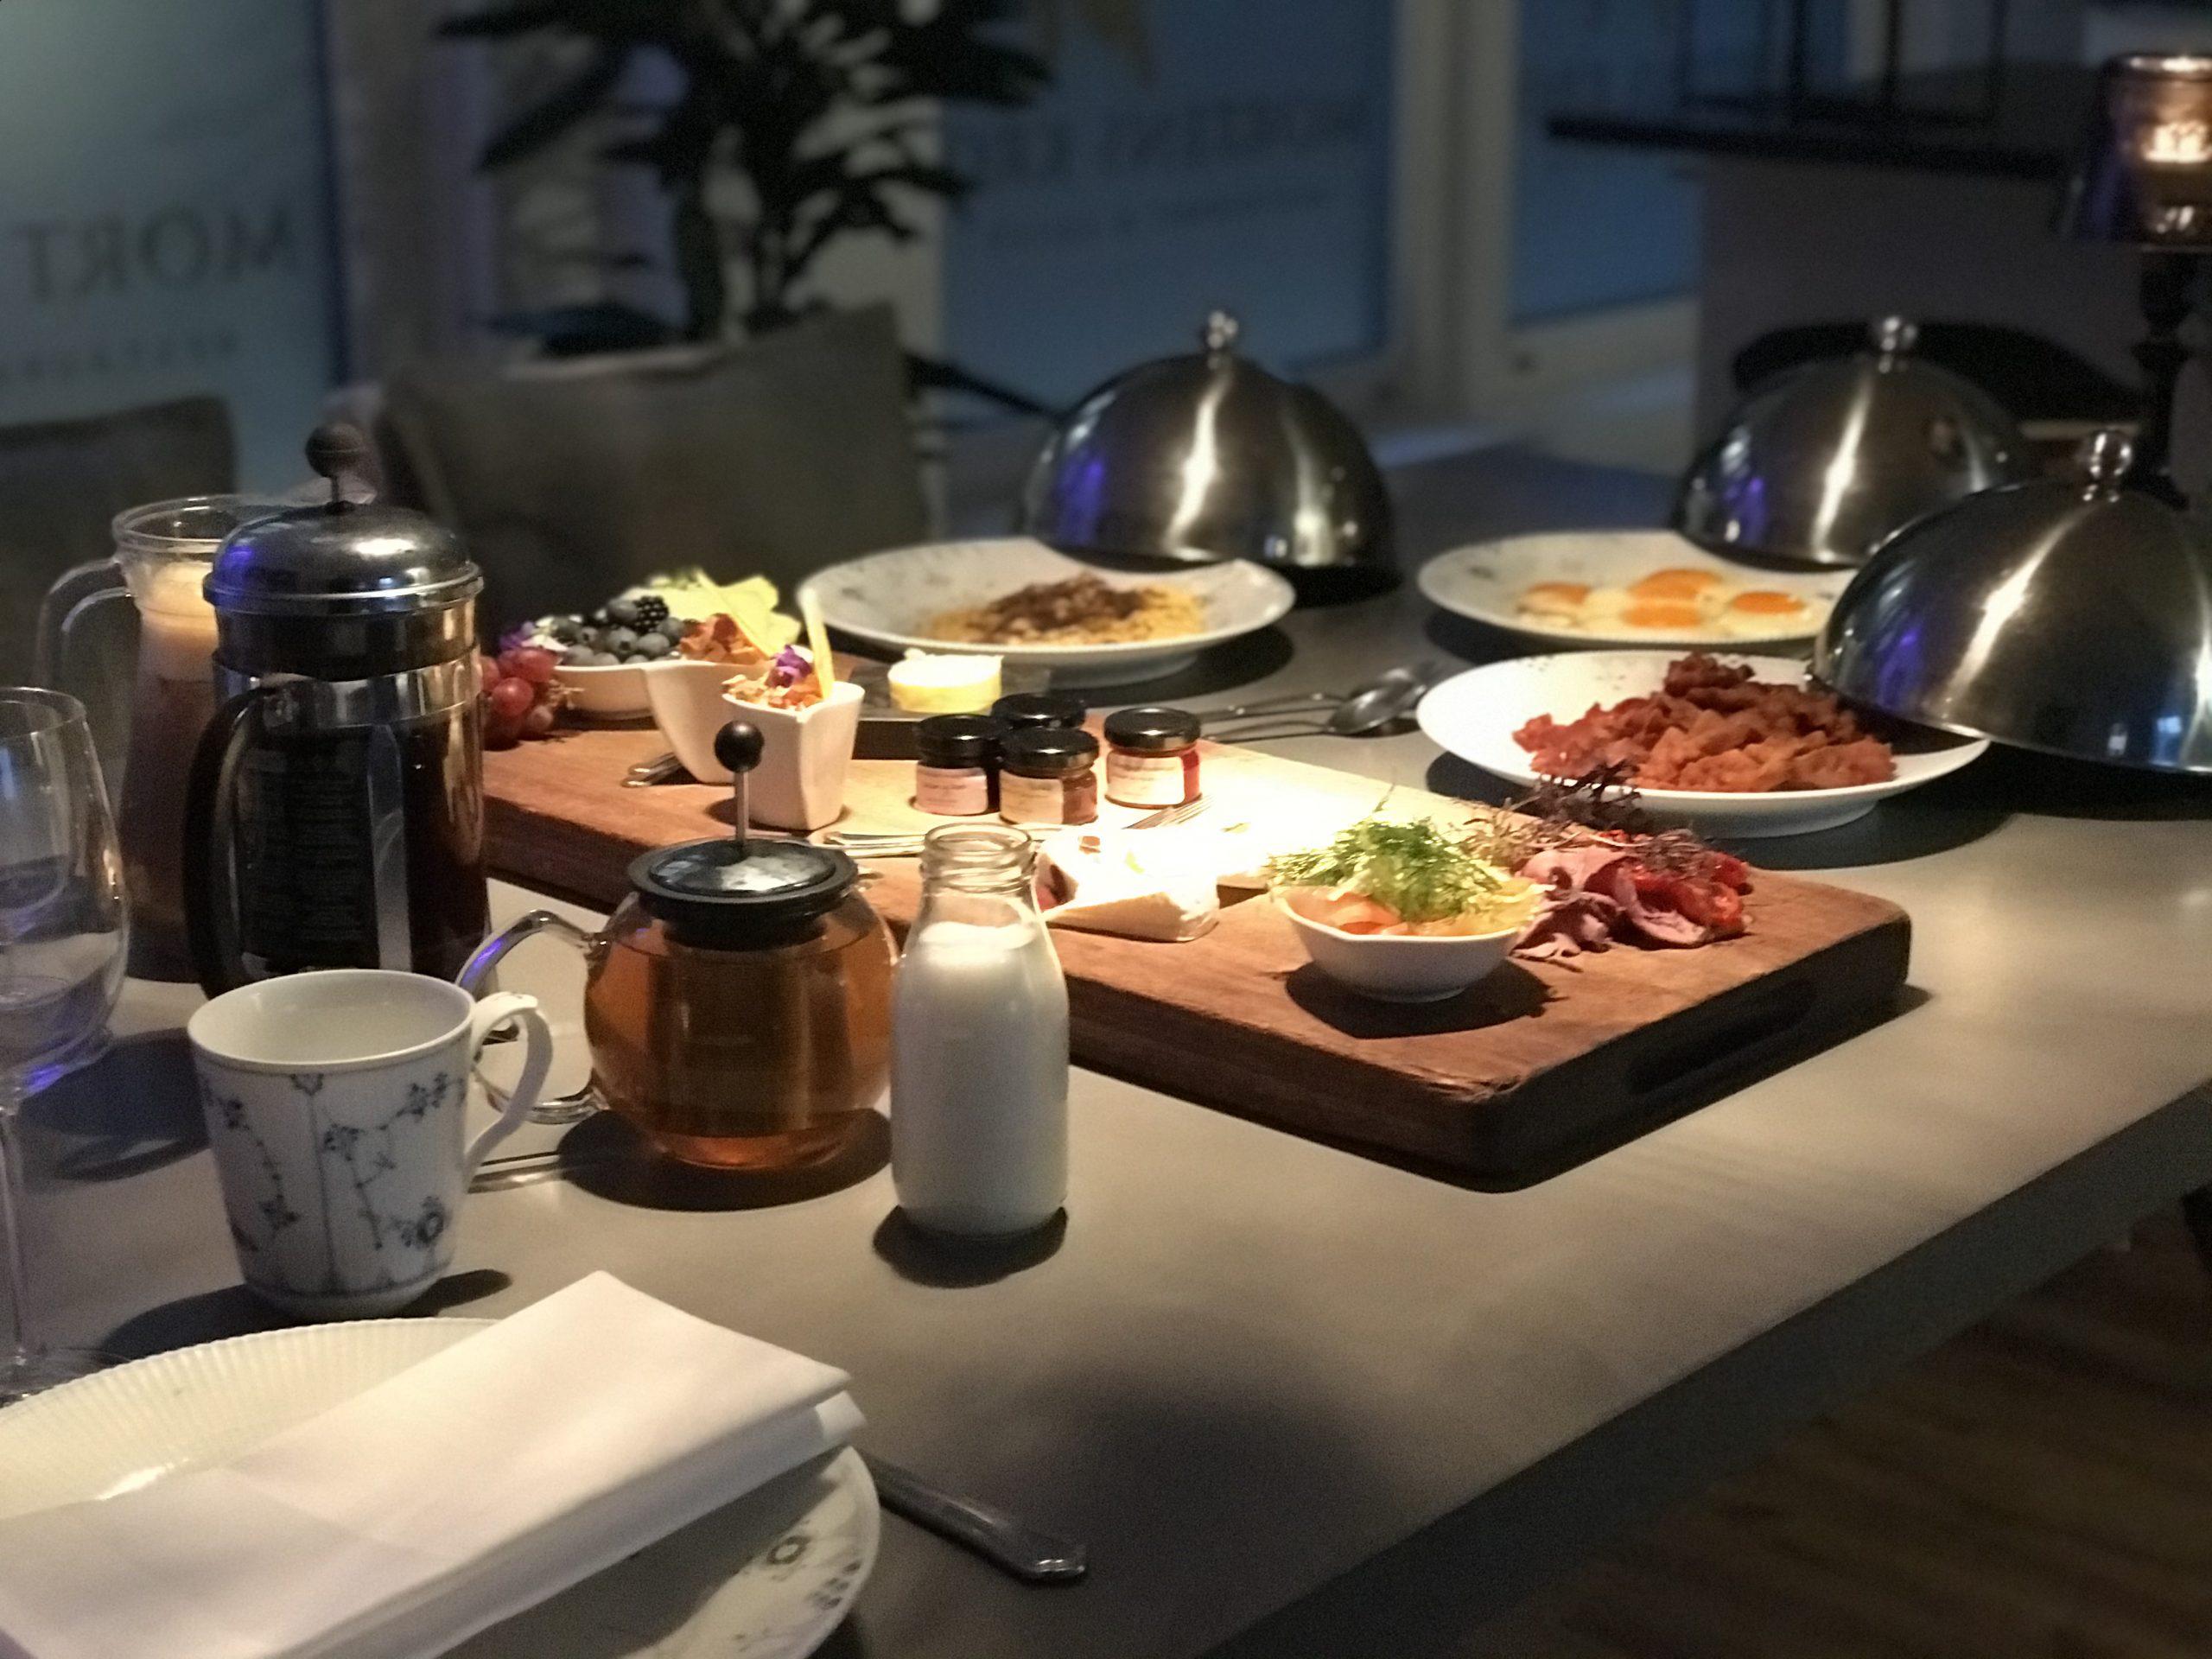 Danmarks bedste morgenmad tilberedt af friske råvarer og serveret direkte i suiten på Mortens Kro. (Foto: Ole Kirchert Christensen)